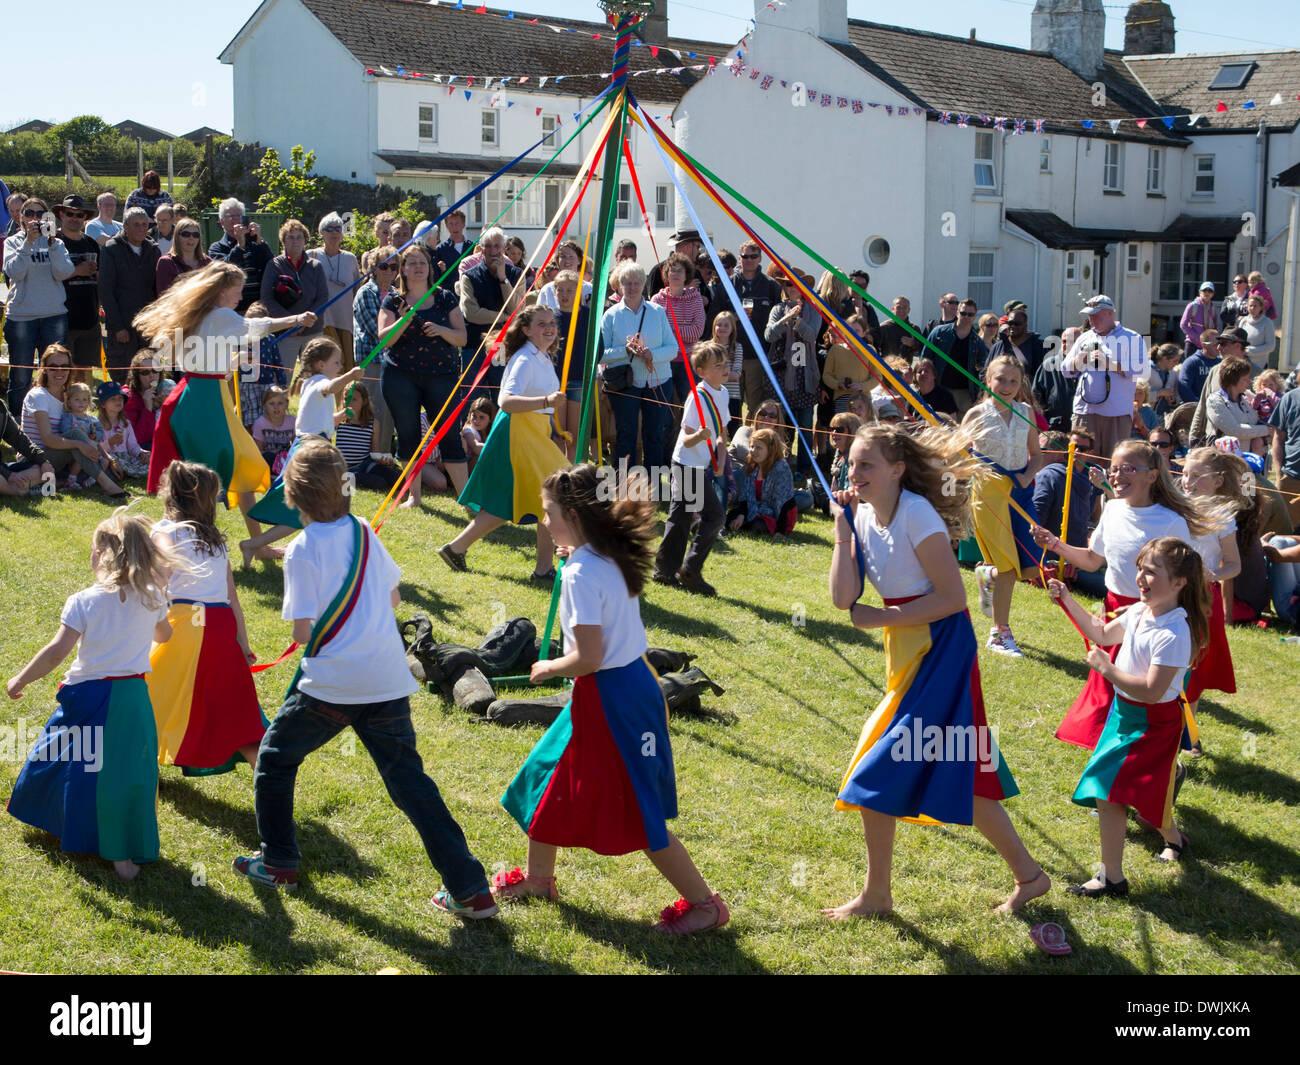 Sommer-Fete oder Fayre, East Prawle, South Devon. Tanz um den Maibaum Stockbild